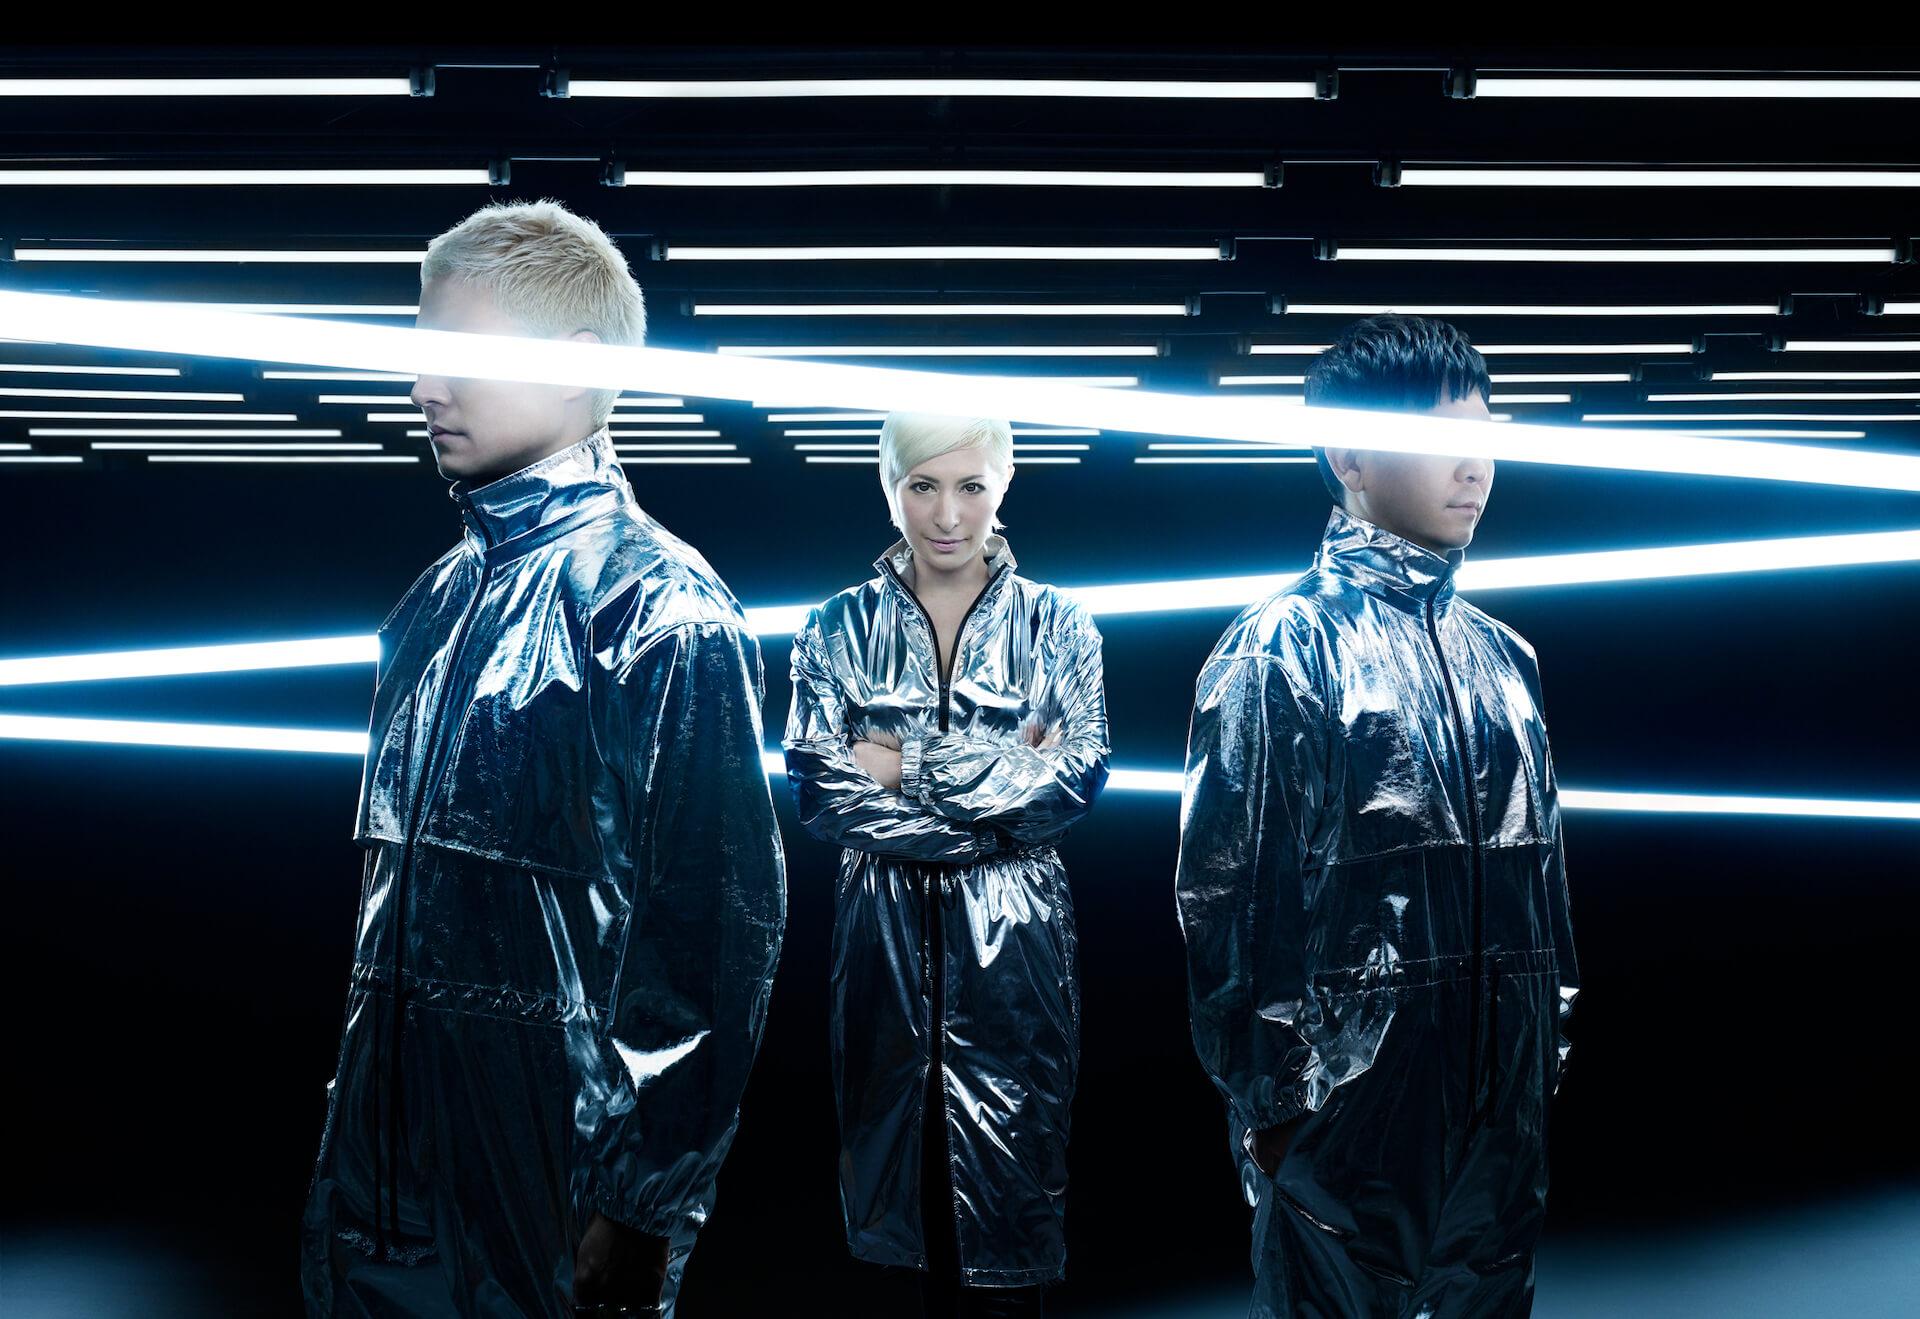 渋谷・SOUND MUSEUM VISIONにて、毎年恒例のハロウィンイベントが3日間に渡り開催|m-flo、tofubeats、中田ヤスタカらが登場 cd66e987b8ec11aa9a3f60df9636af6d